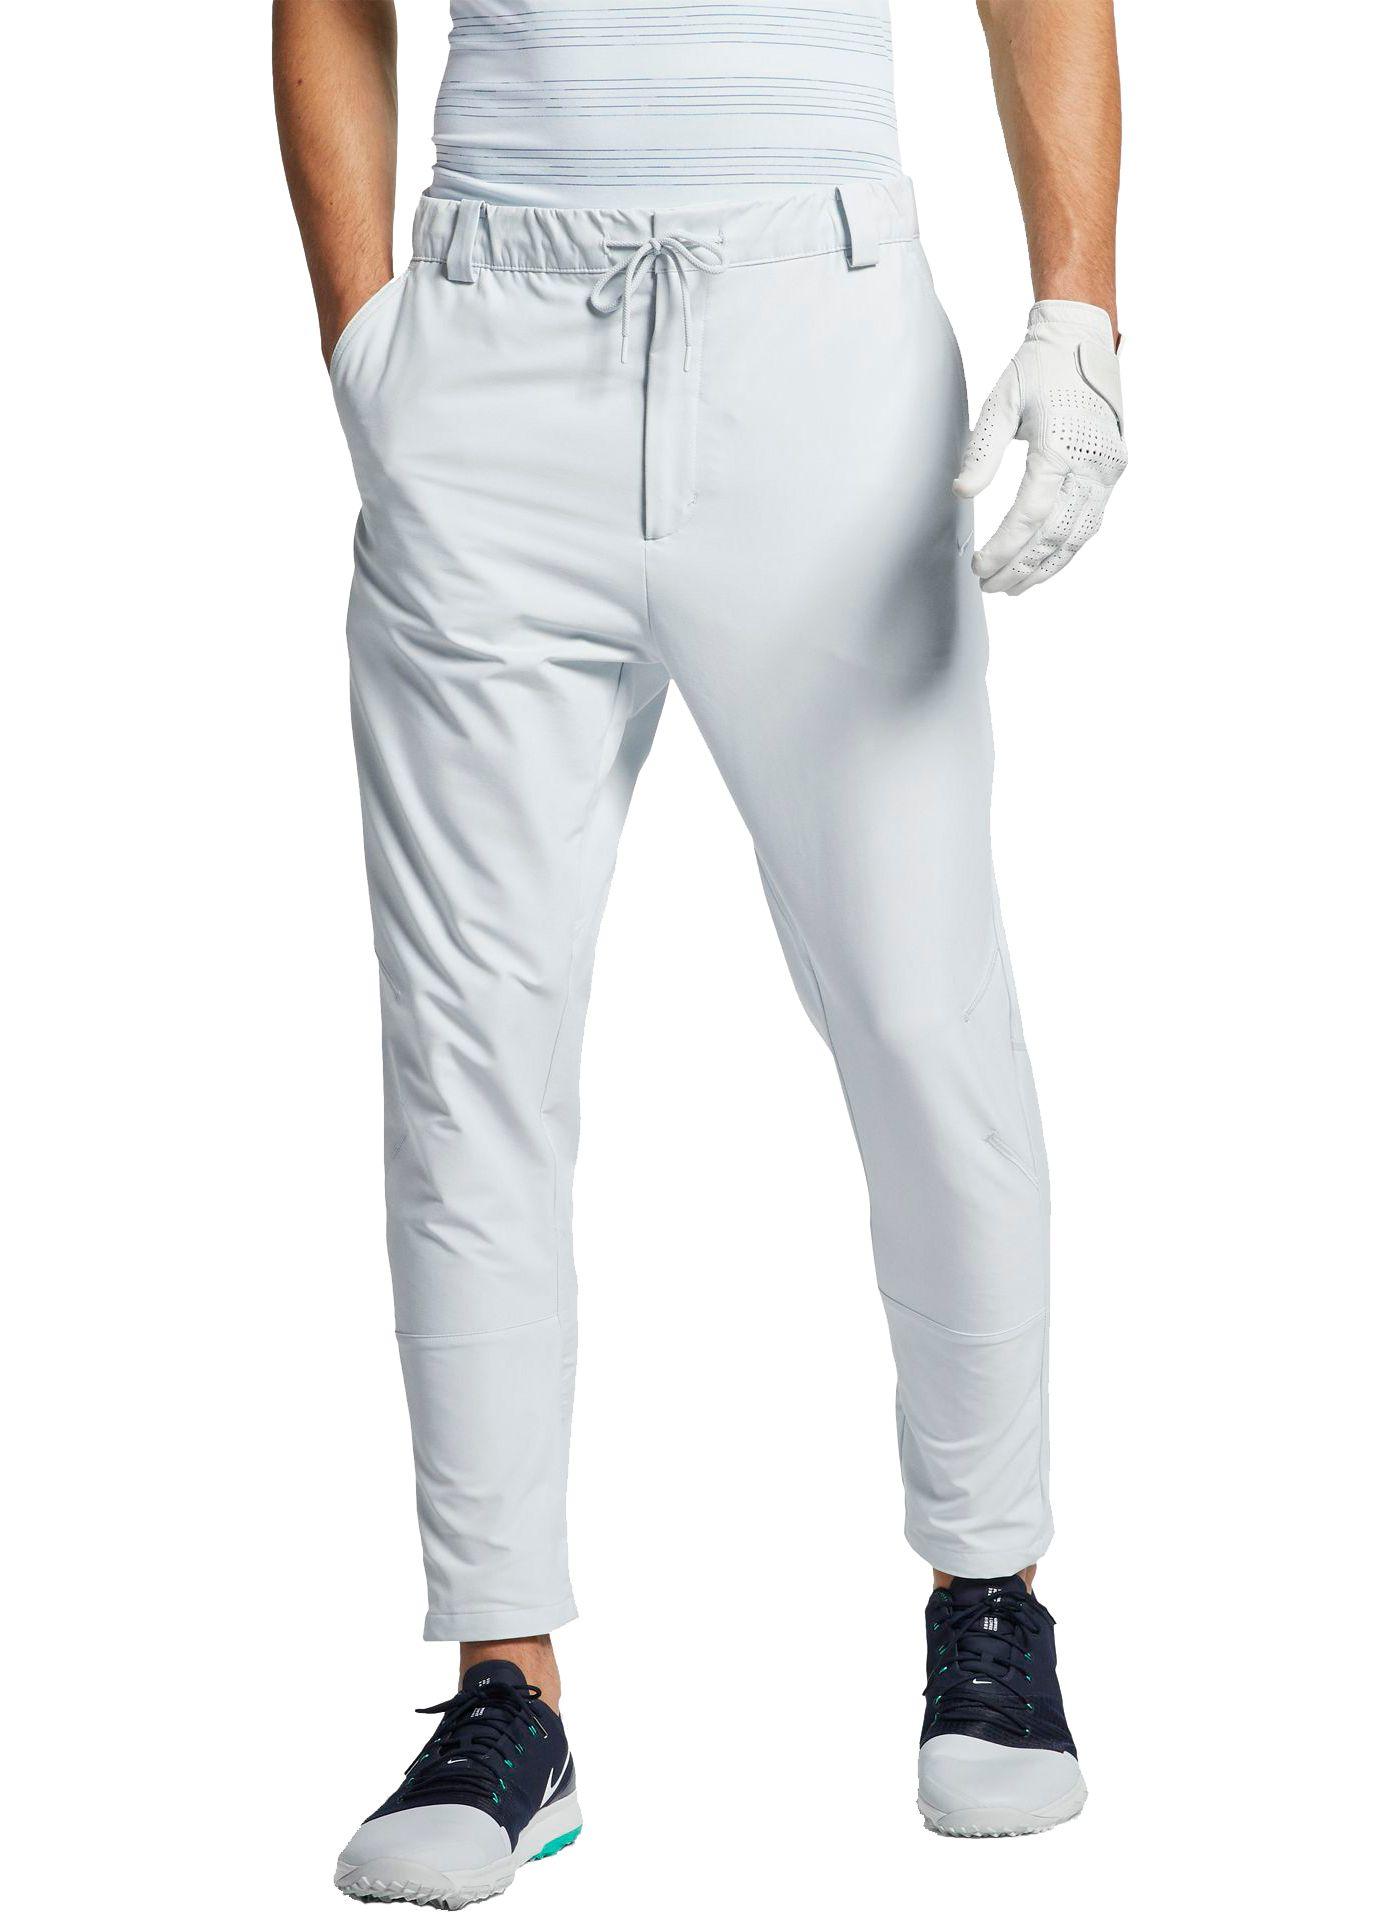 Nike Men's Flex Novelty Golf Pants